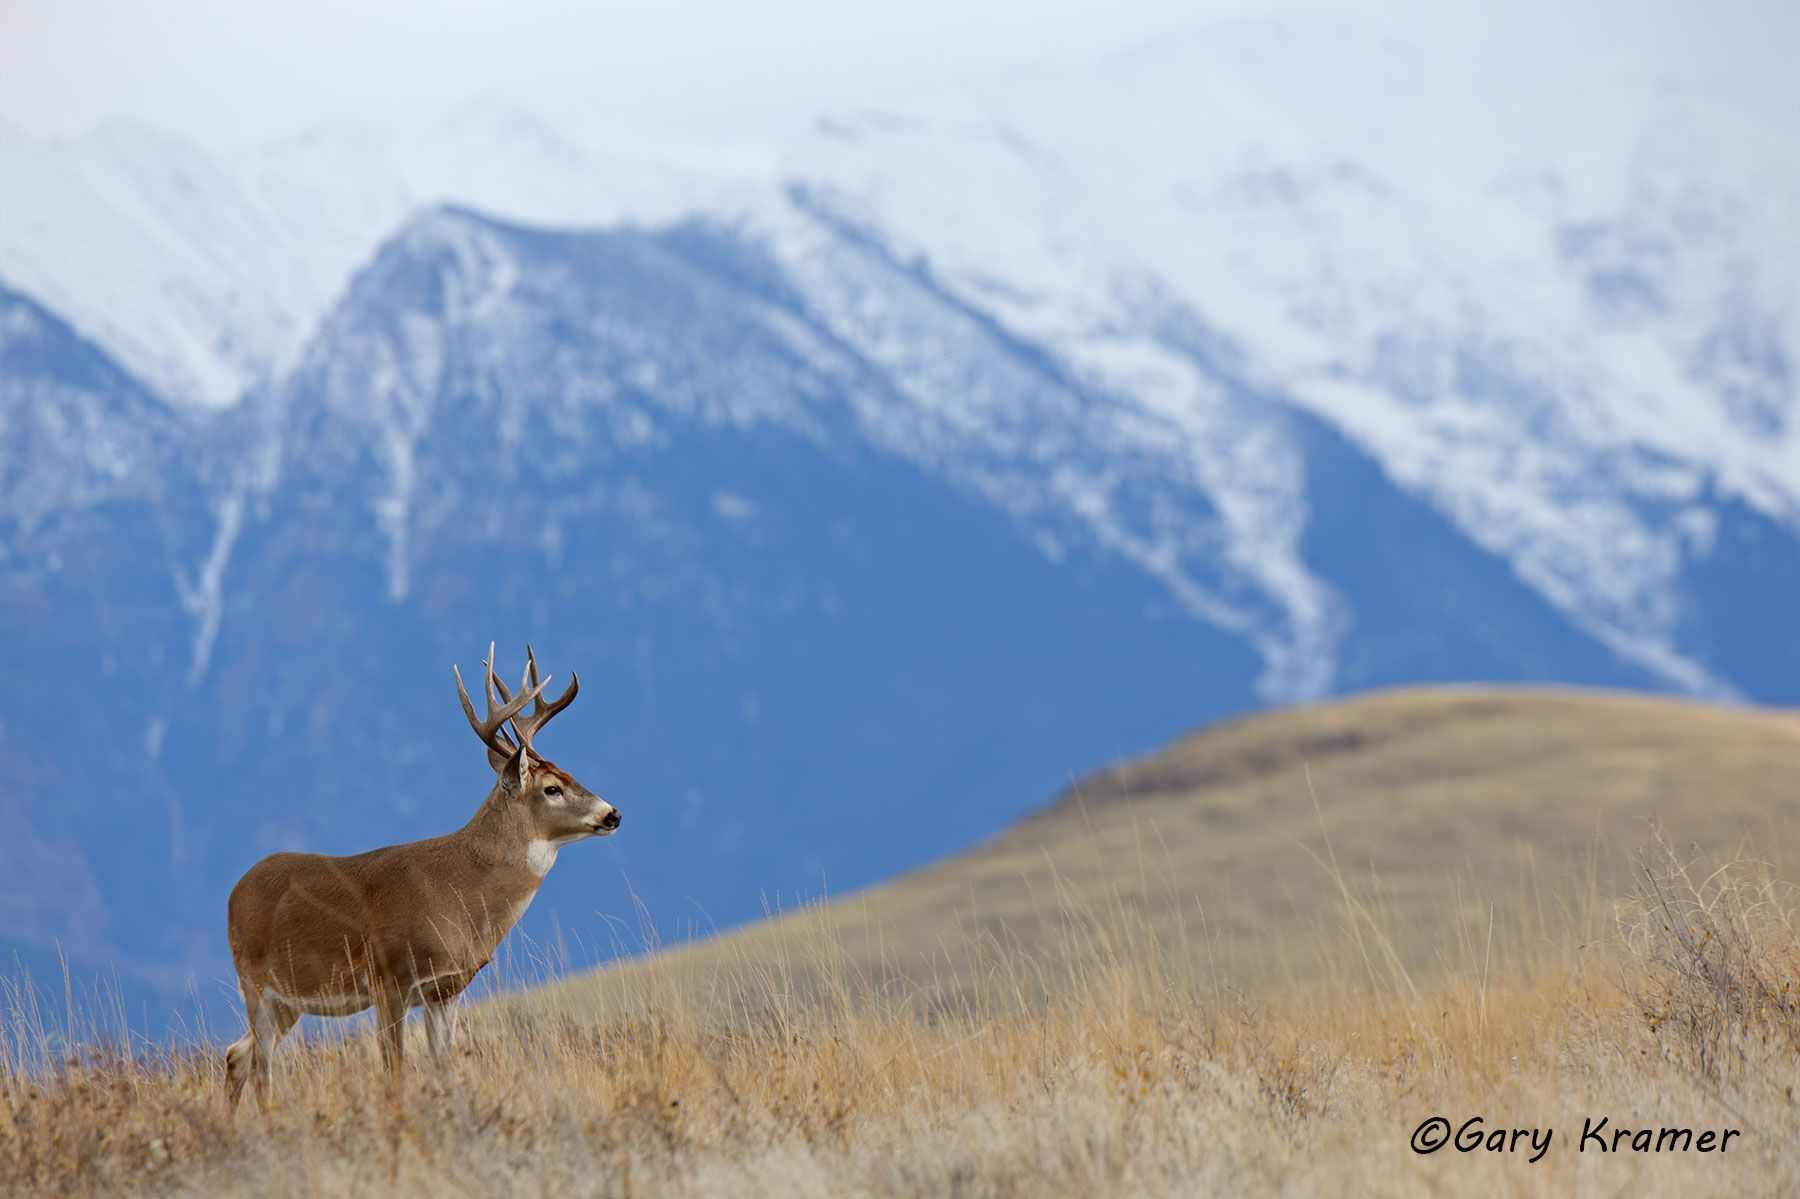 White-tailed Deer (Odocoileus virinianus) - NMDW#2614d